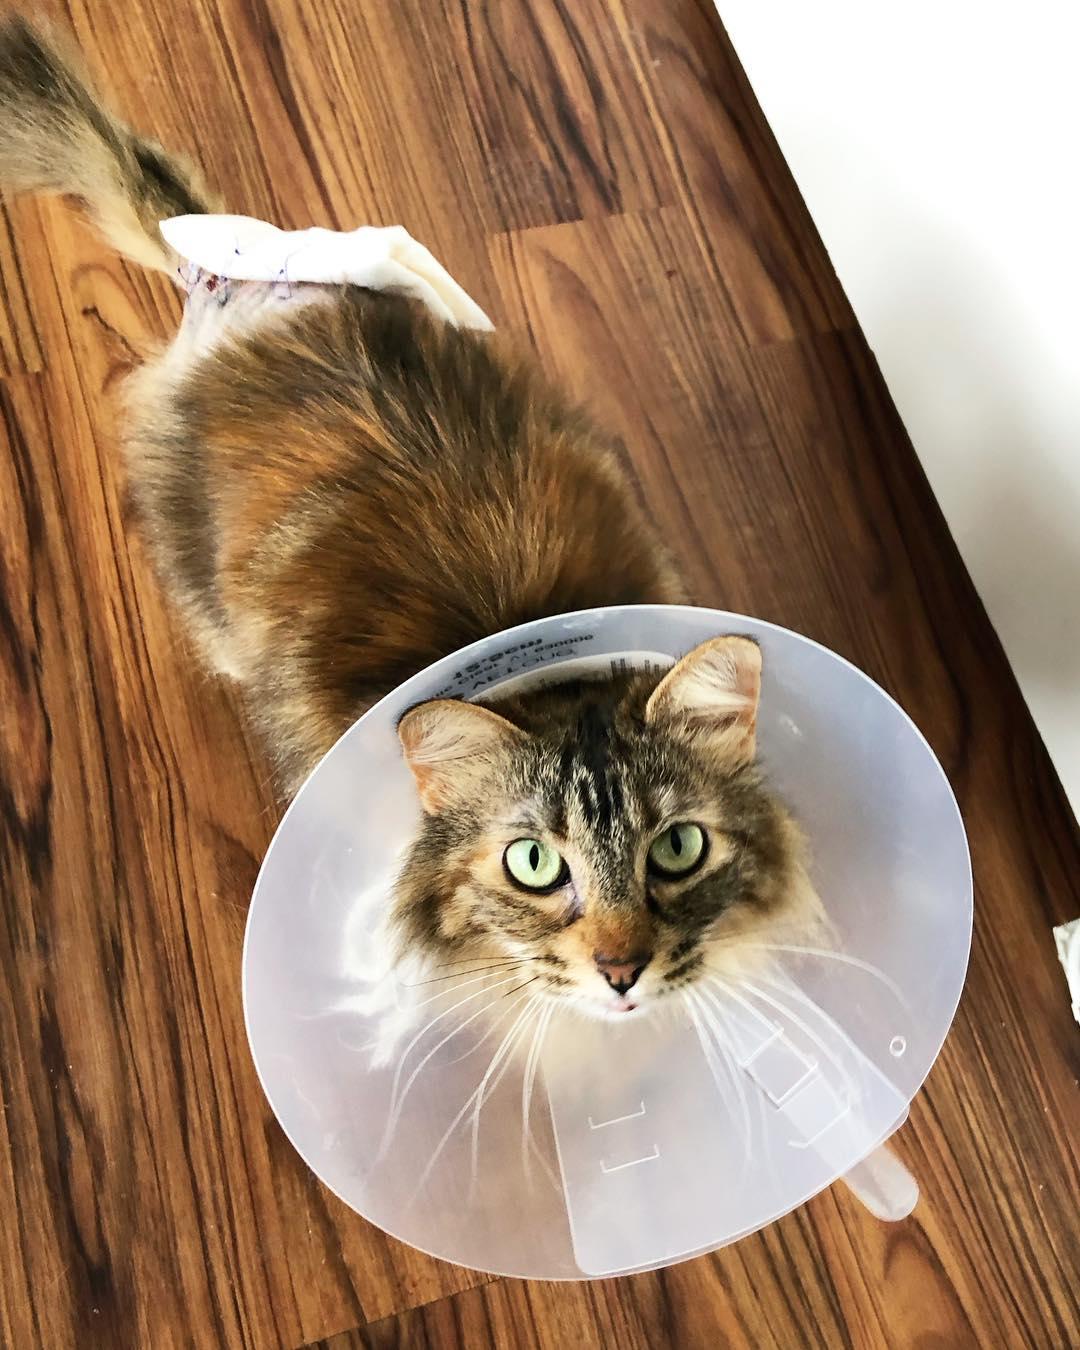 Tammy-butt-bandage.jpg